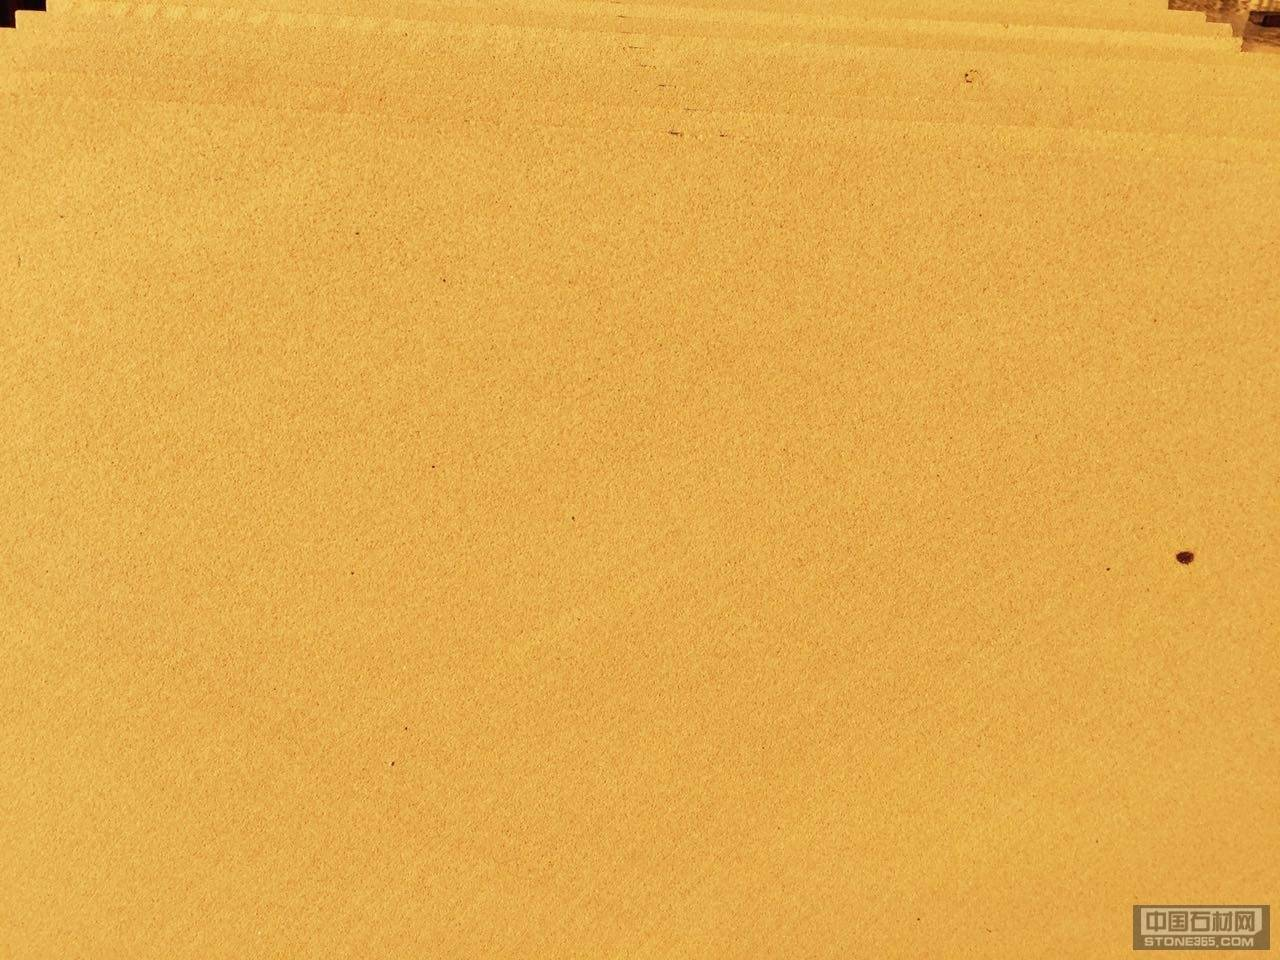 黄砂岩 四川砂岩